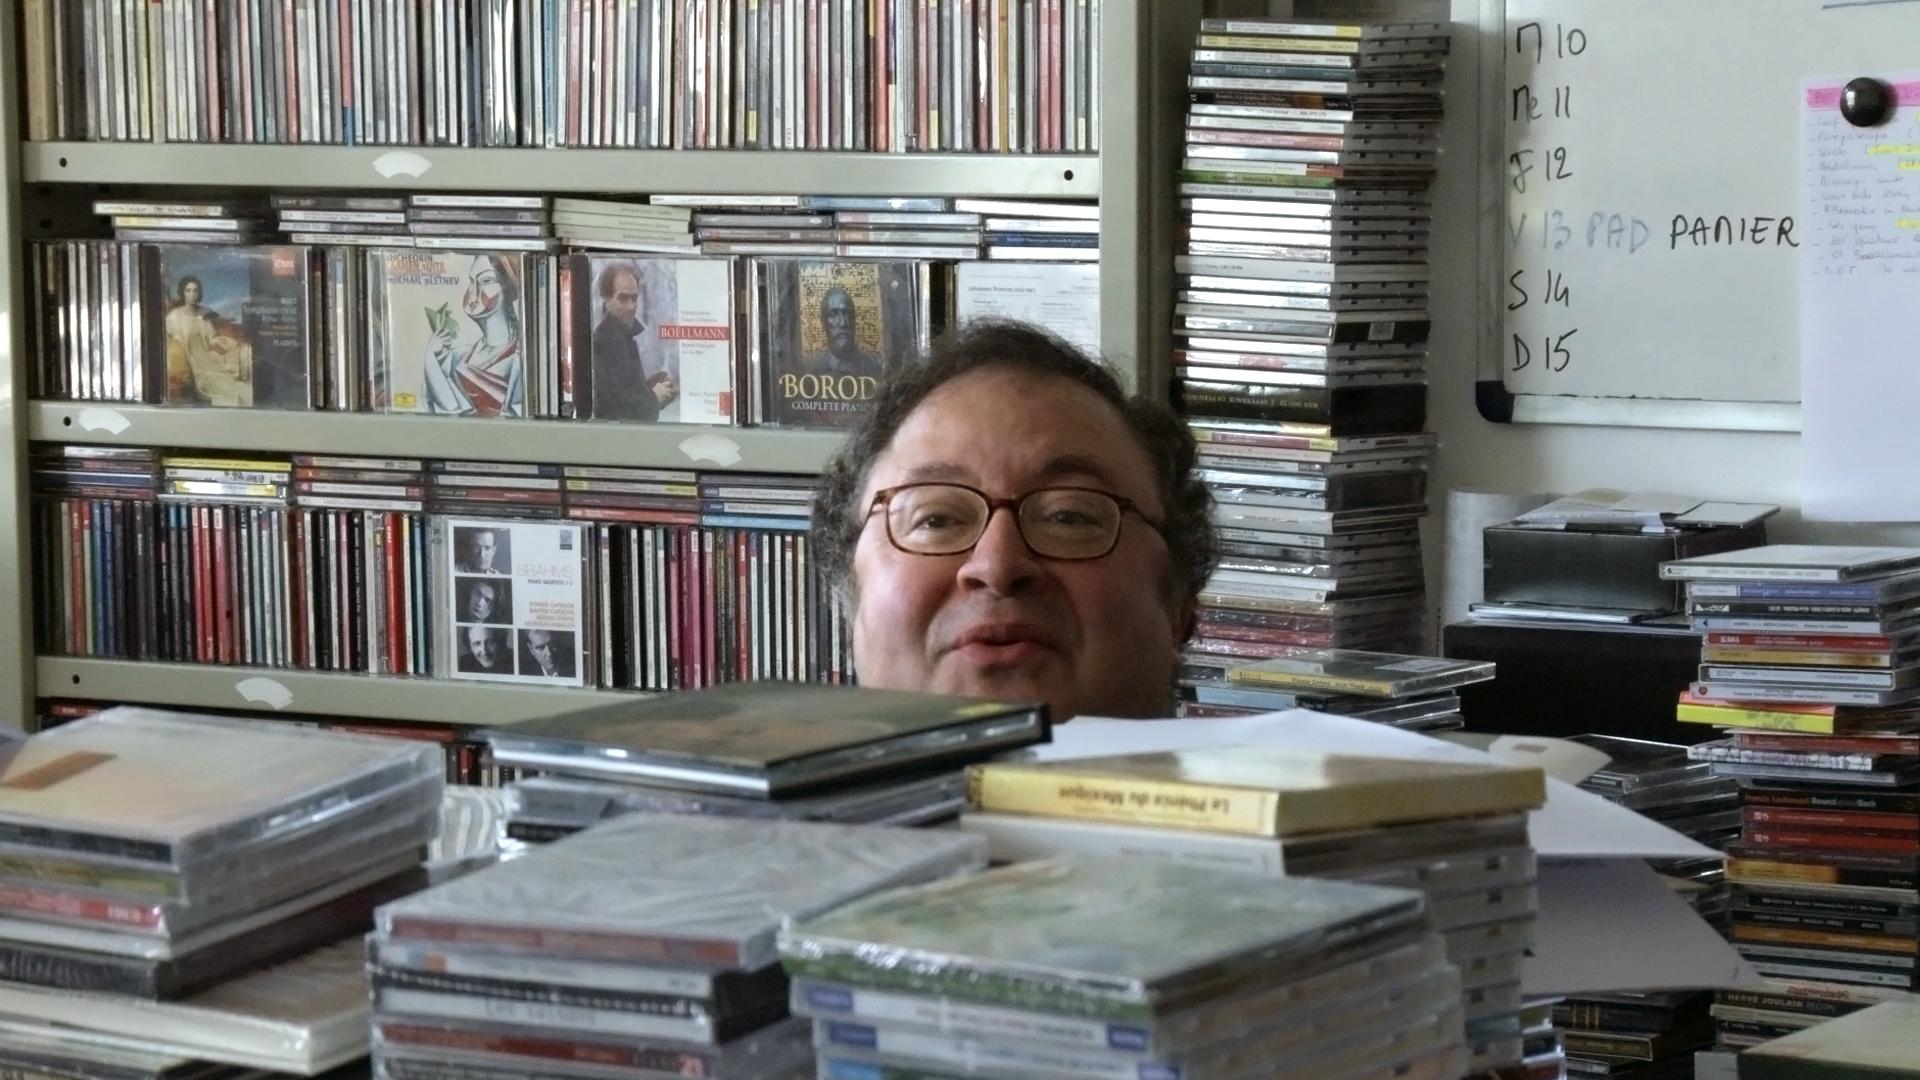 Frederic Lodeon in LA MAISON DE LA RADIO, a film by Nicolas